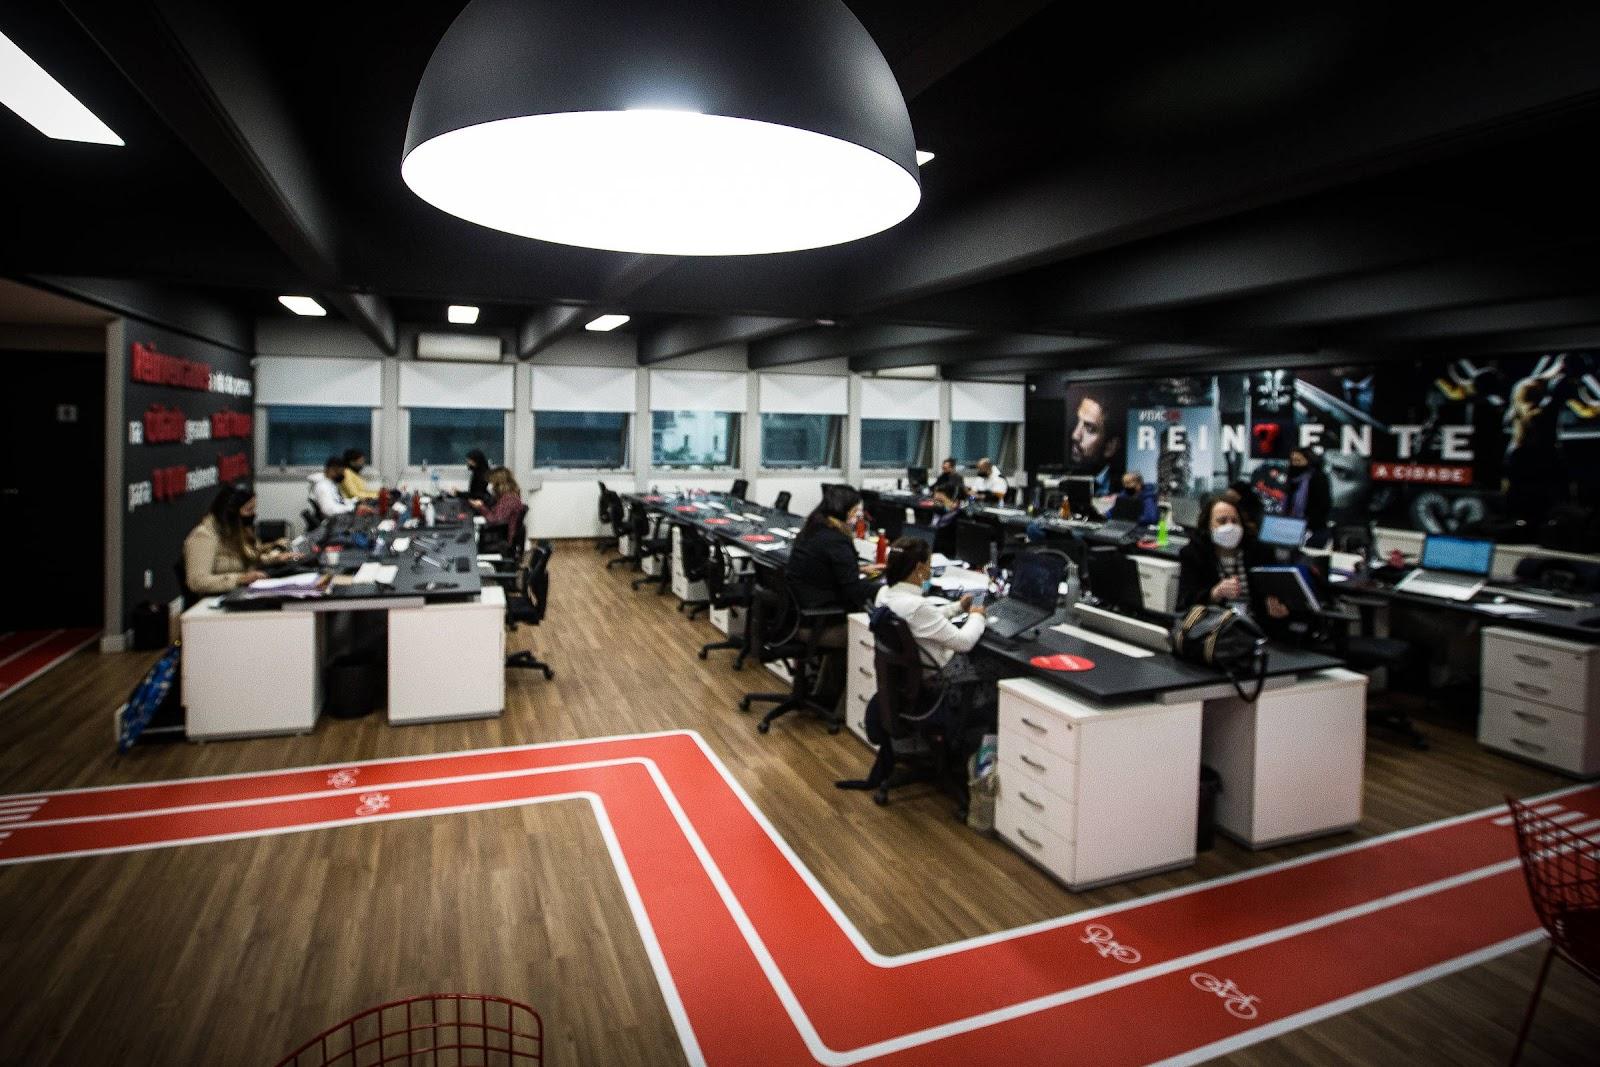 escritório com simulação de pista de correr no piso